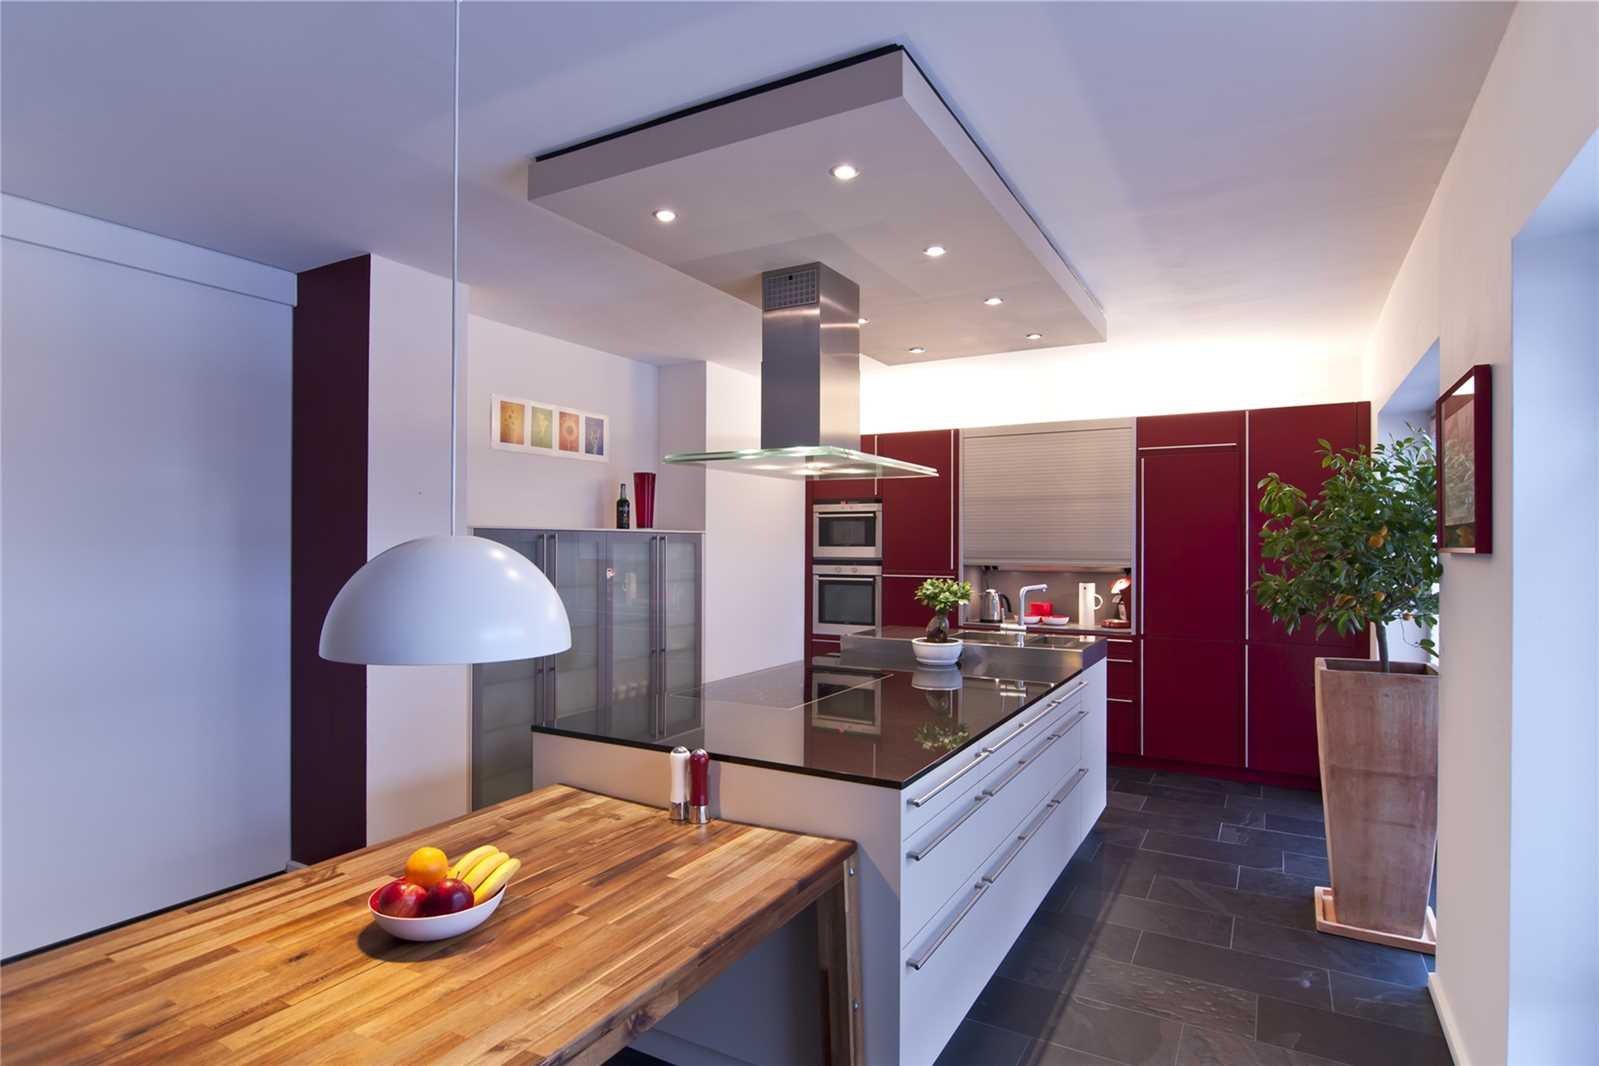 LED Inbouwspots Keuken